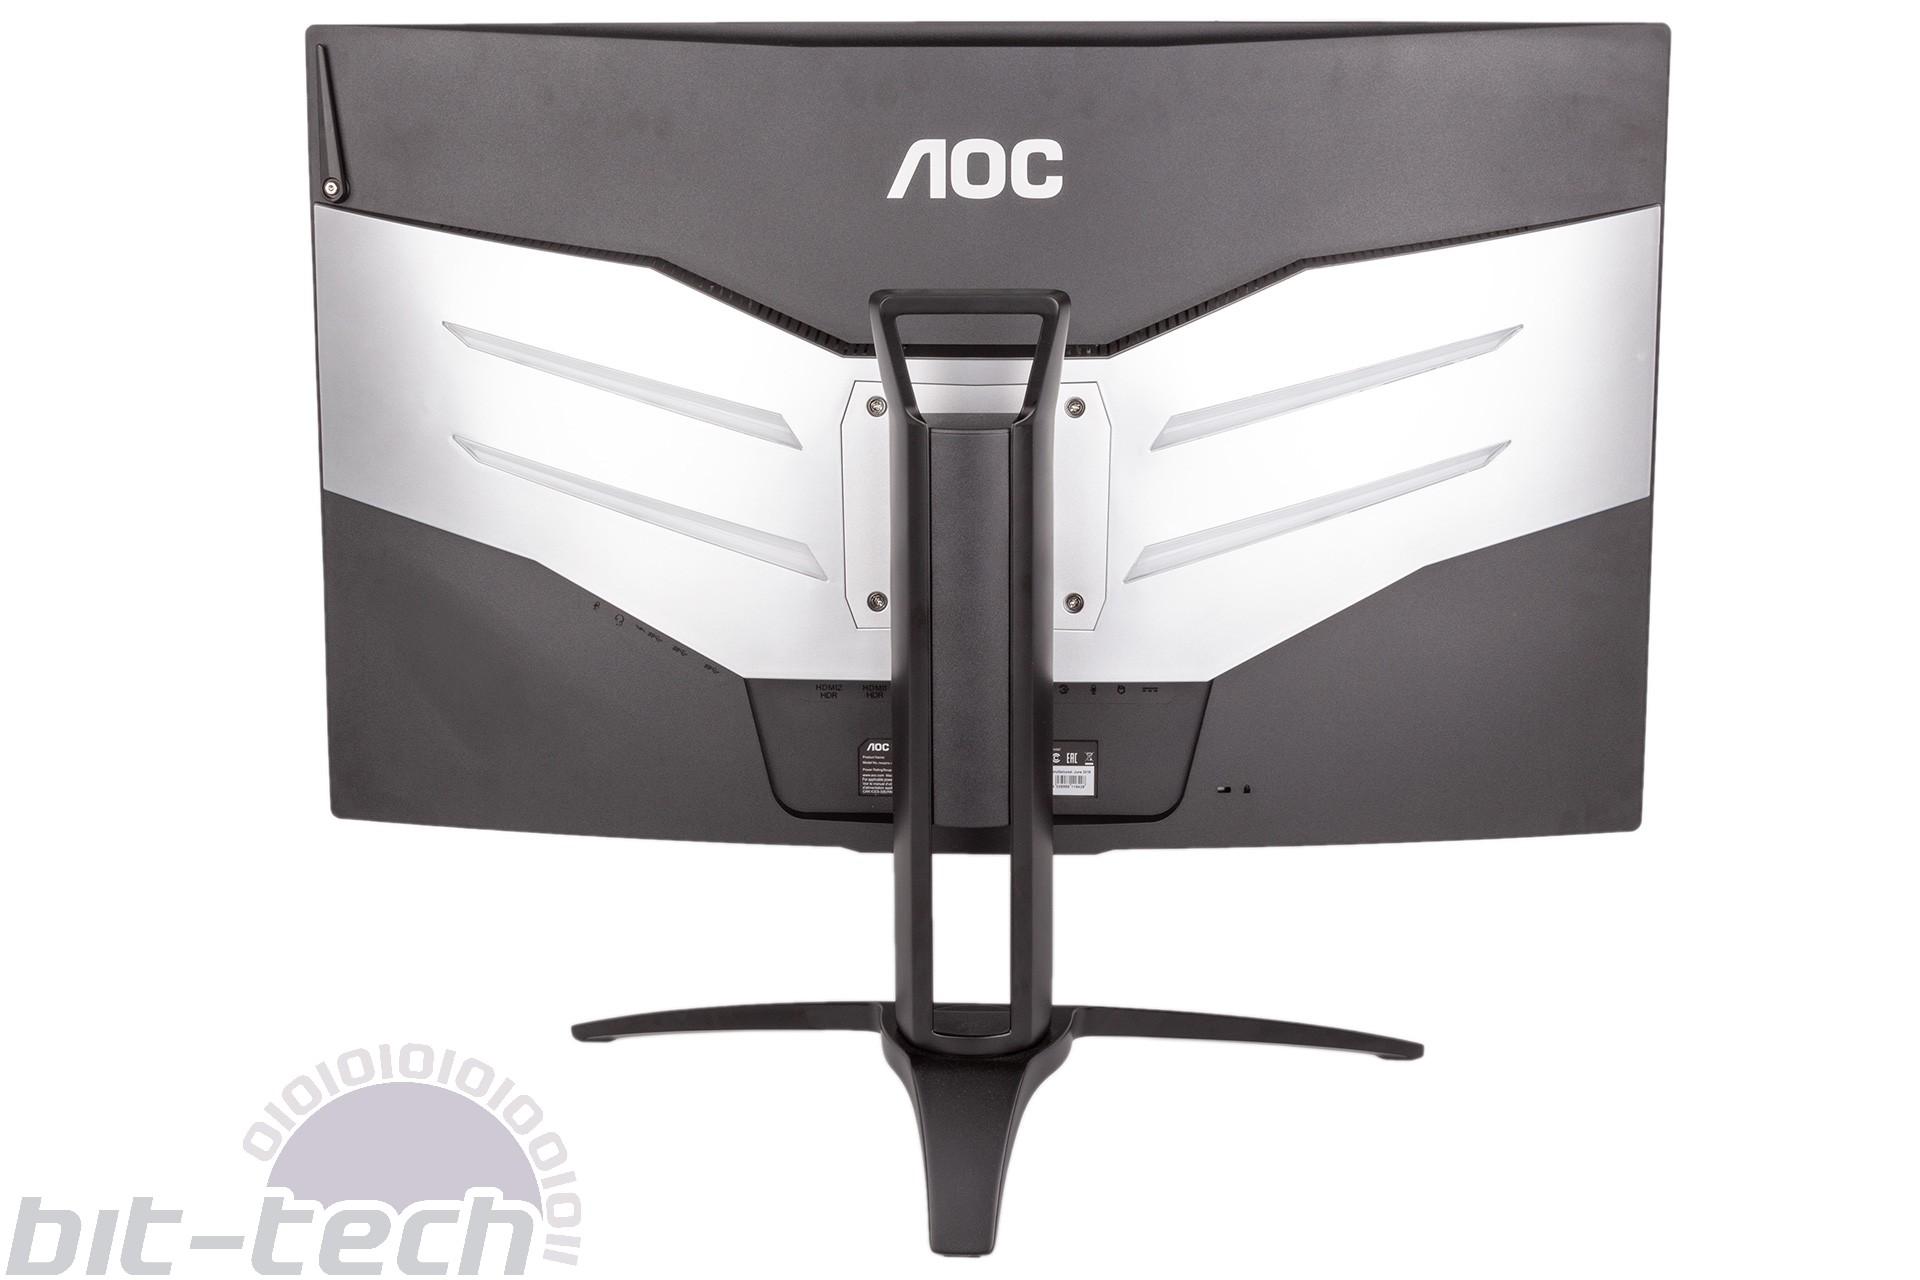 AOC Agon AG322QC4 Review | bit-tech net